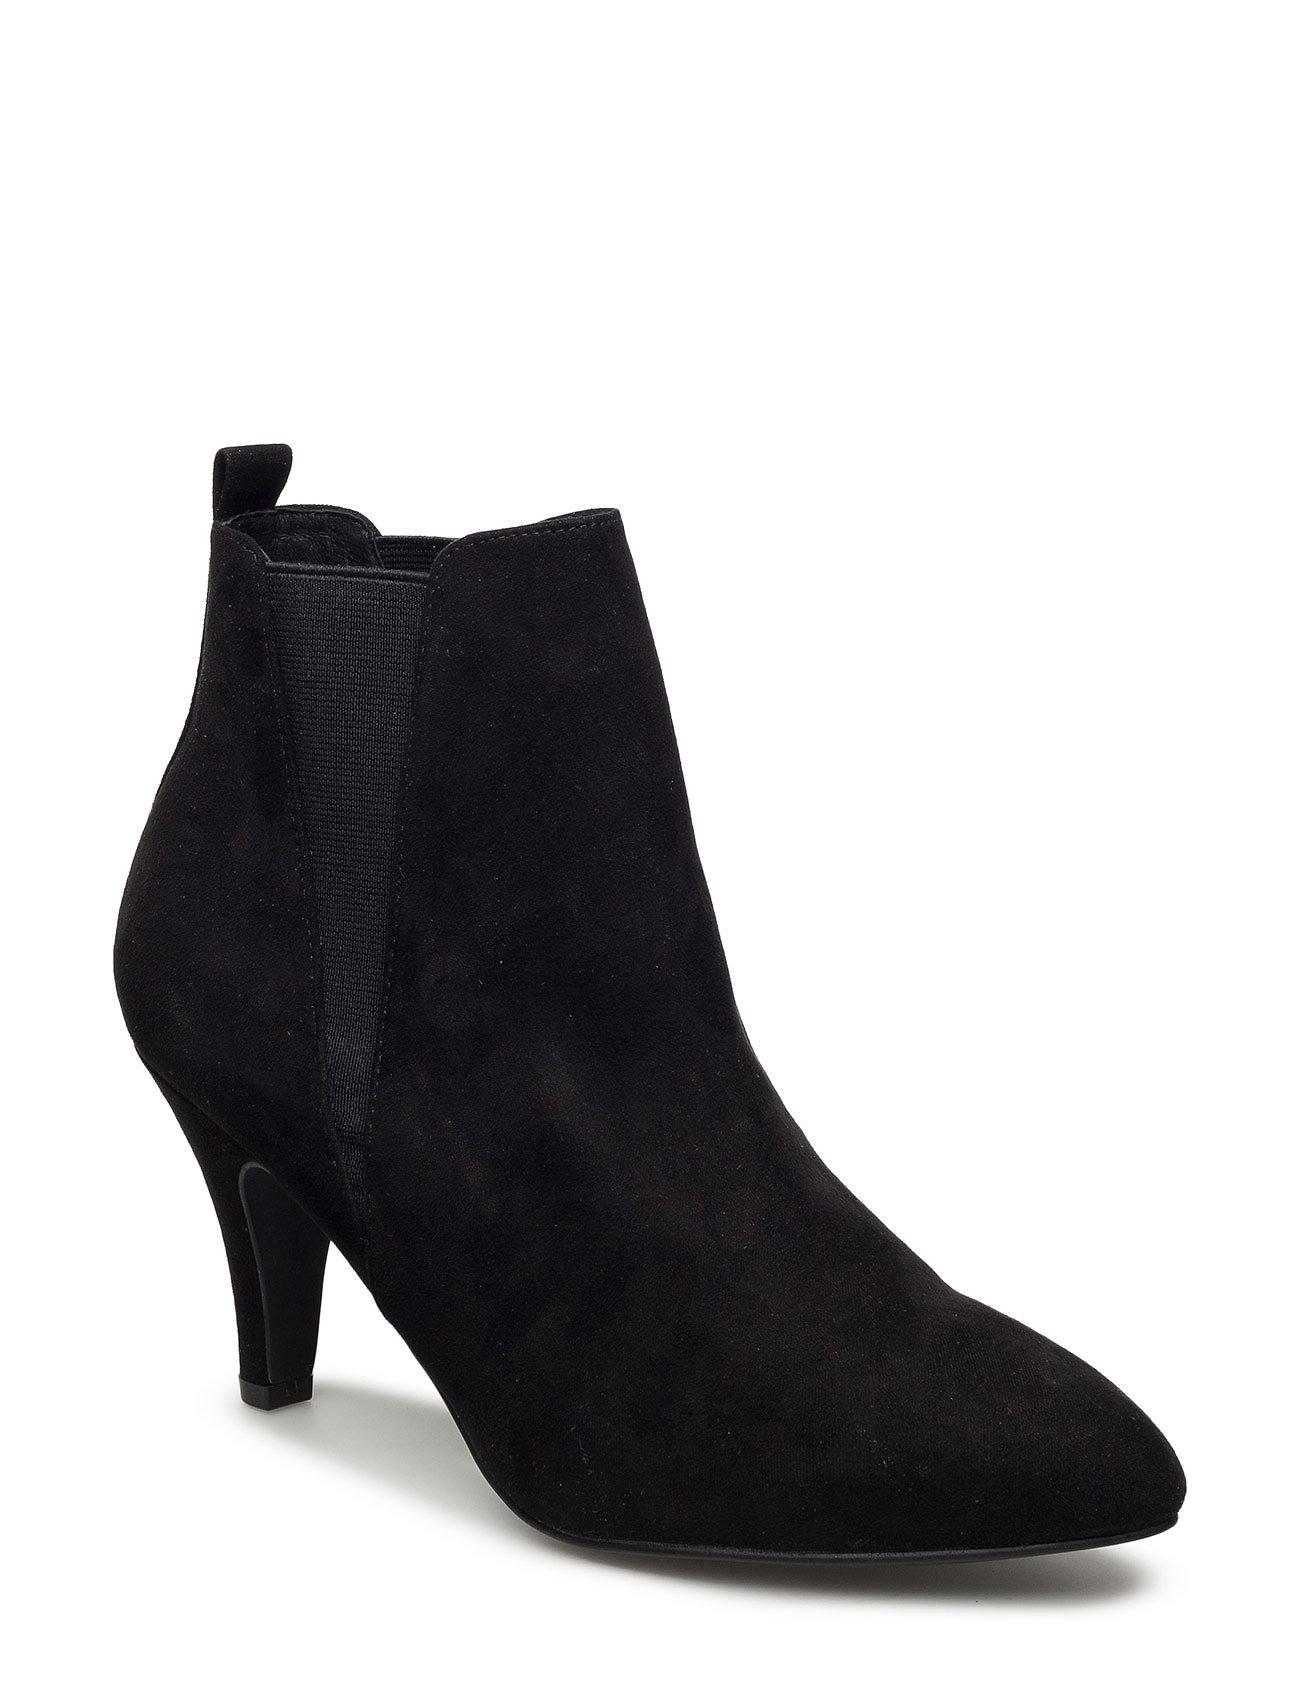 Low Heel Chelsea Jfm17 Bianco Støvler til Damer i Sort